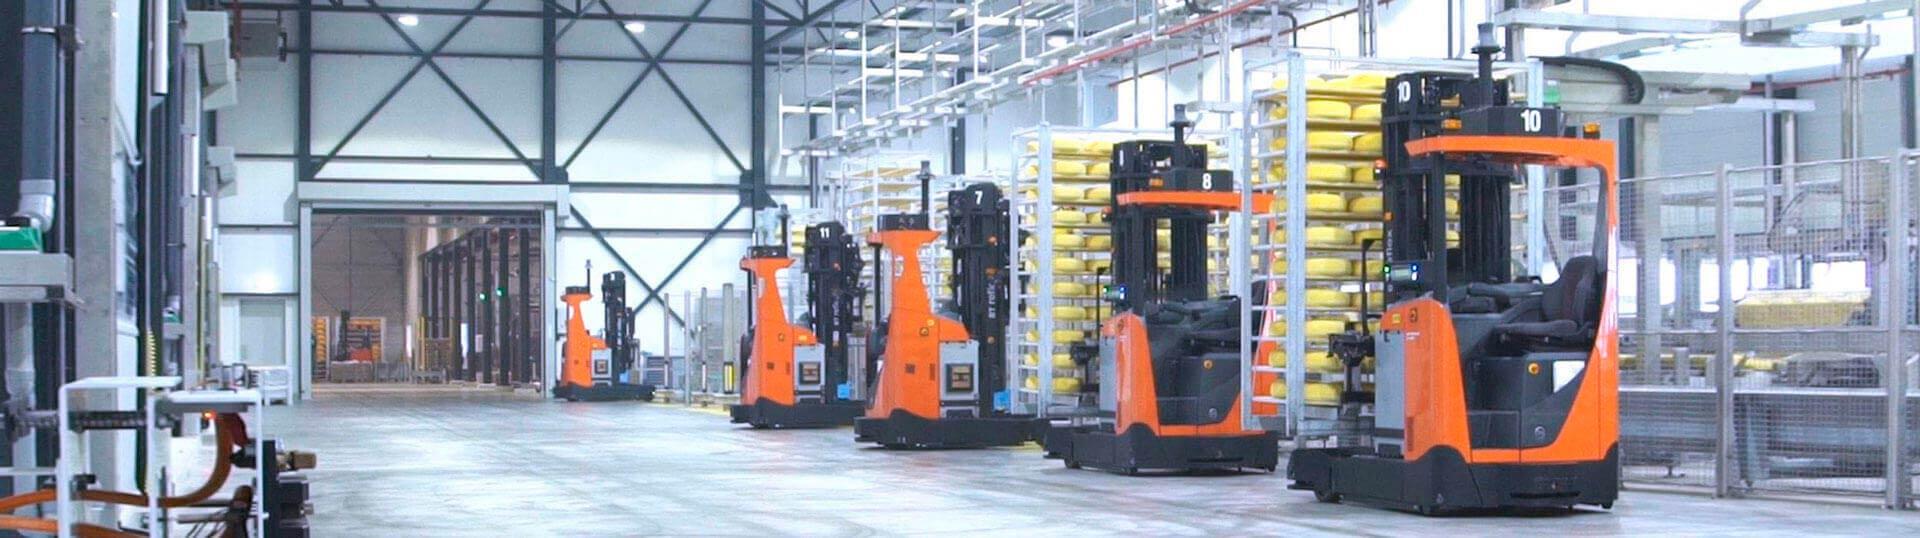 Автоматизация на складе